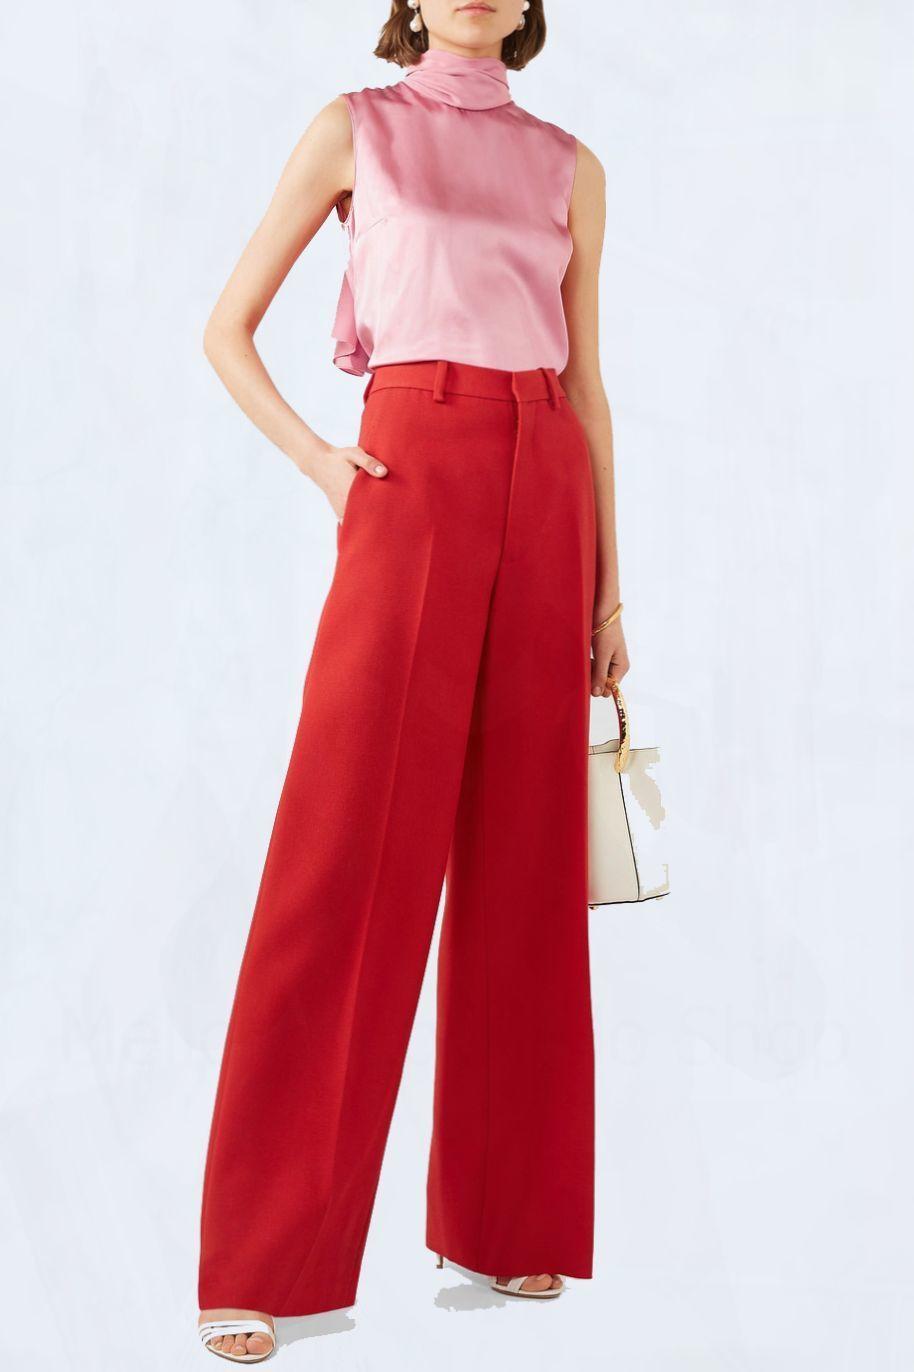 Блузки ручной работы. Ярмарка Мастеров - ручная работа. Купить Женская блузка. Для работы, на каждый день. Пошита из блузочной ткани. Handmade.